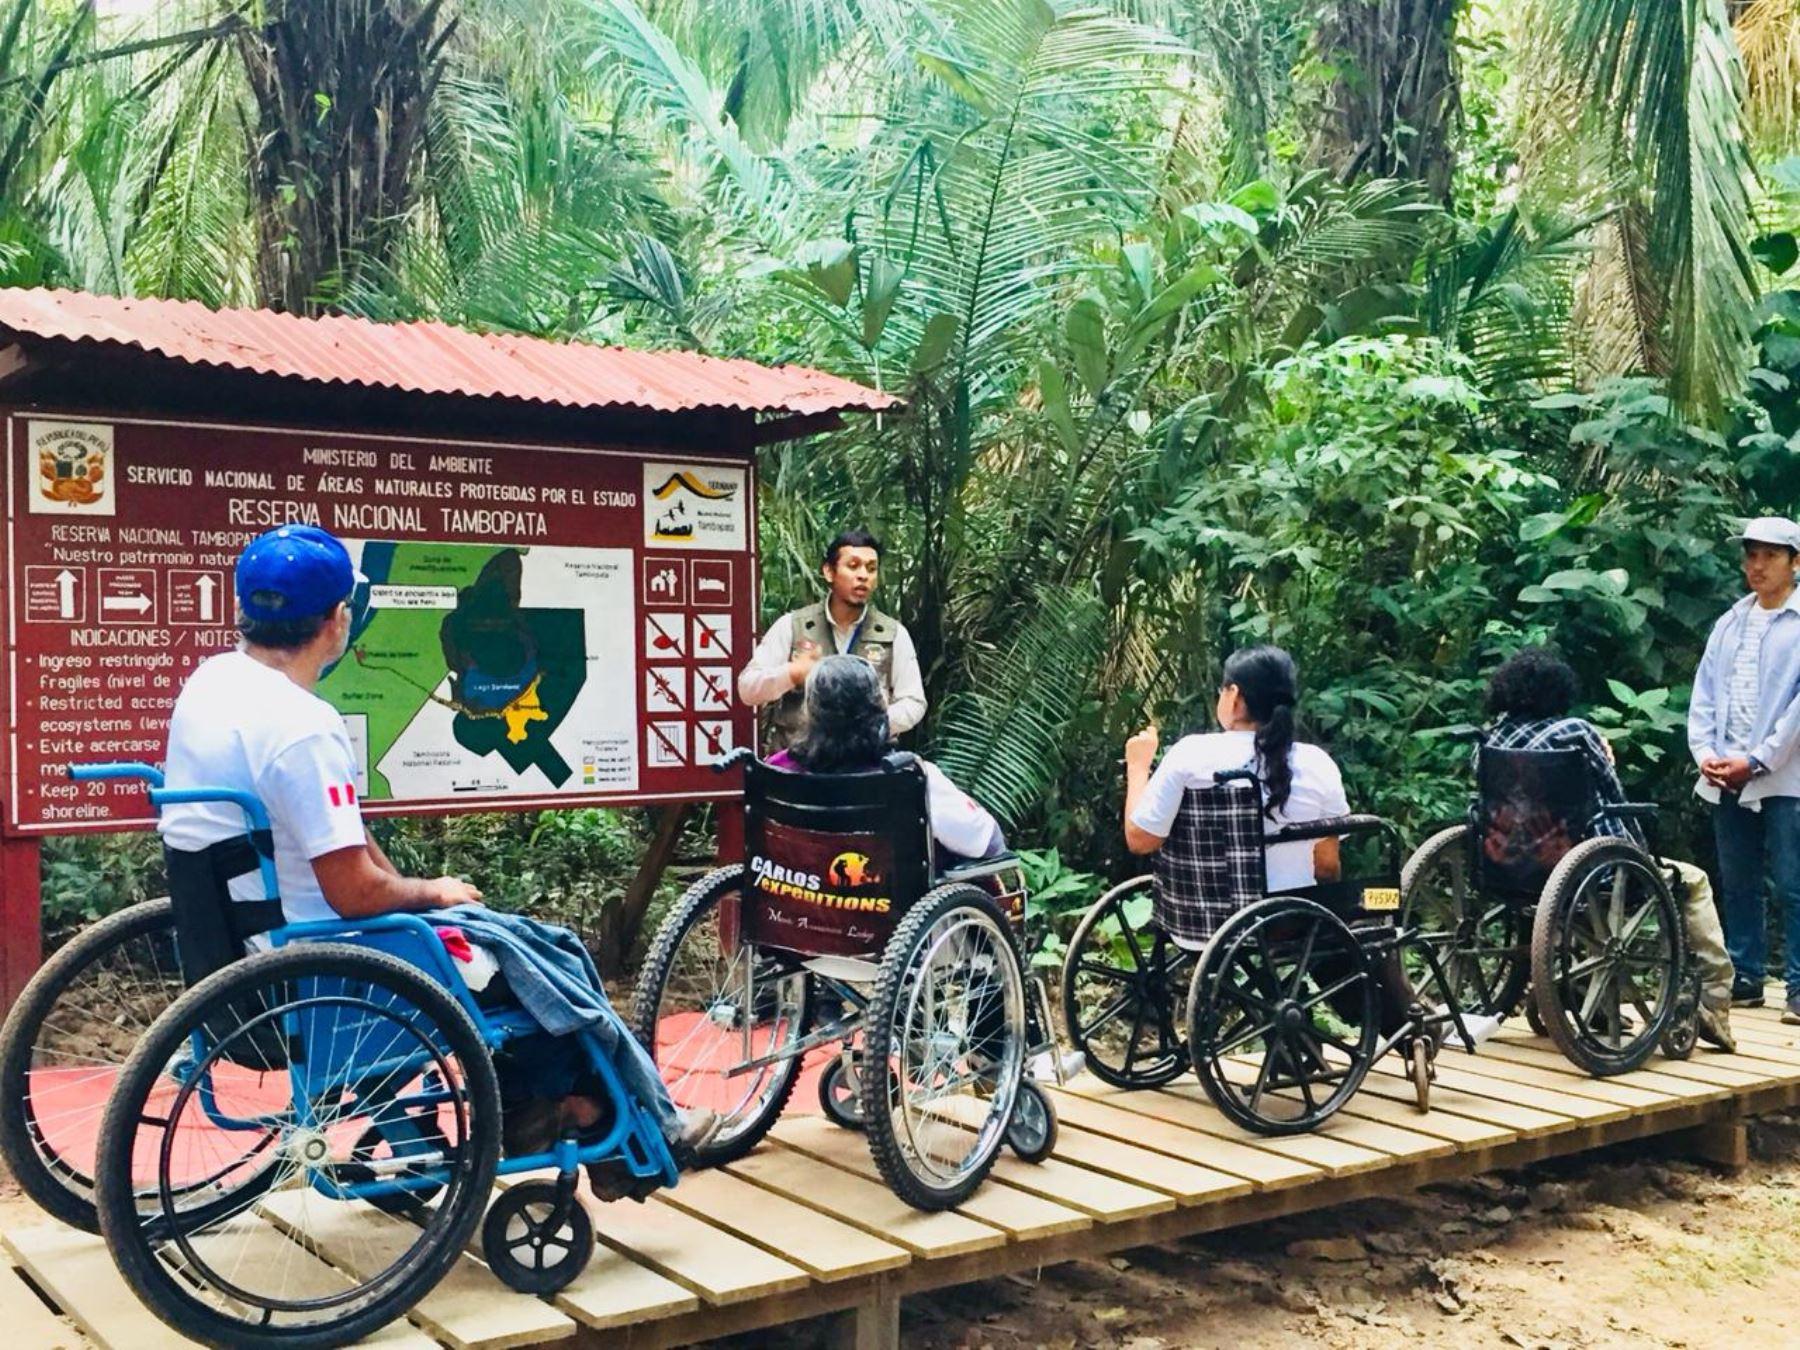 Sernanp innova con oferta de turismo inclusivo en Reserva Nacional Tambopata, en Madre de Dios. ANDINA/Difusión